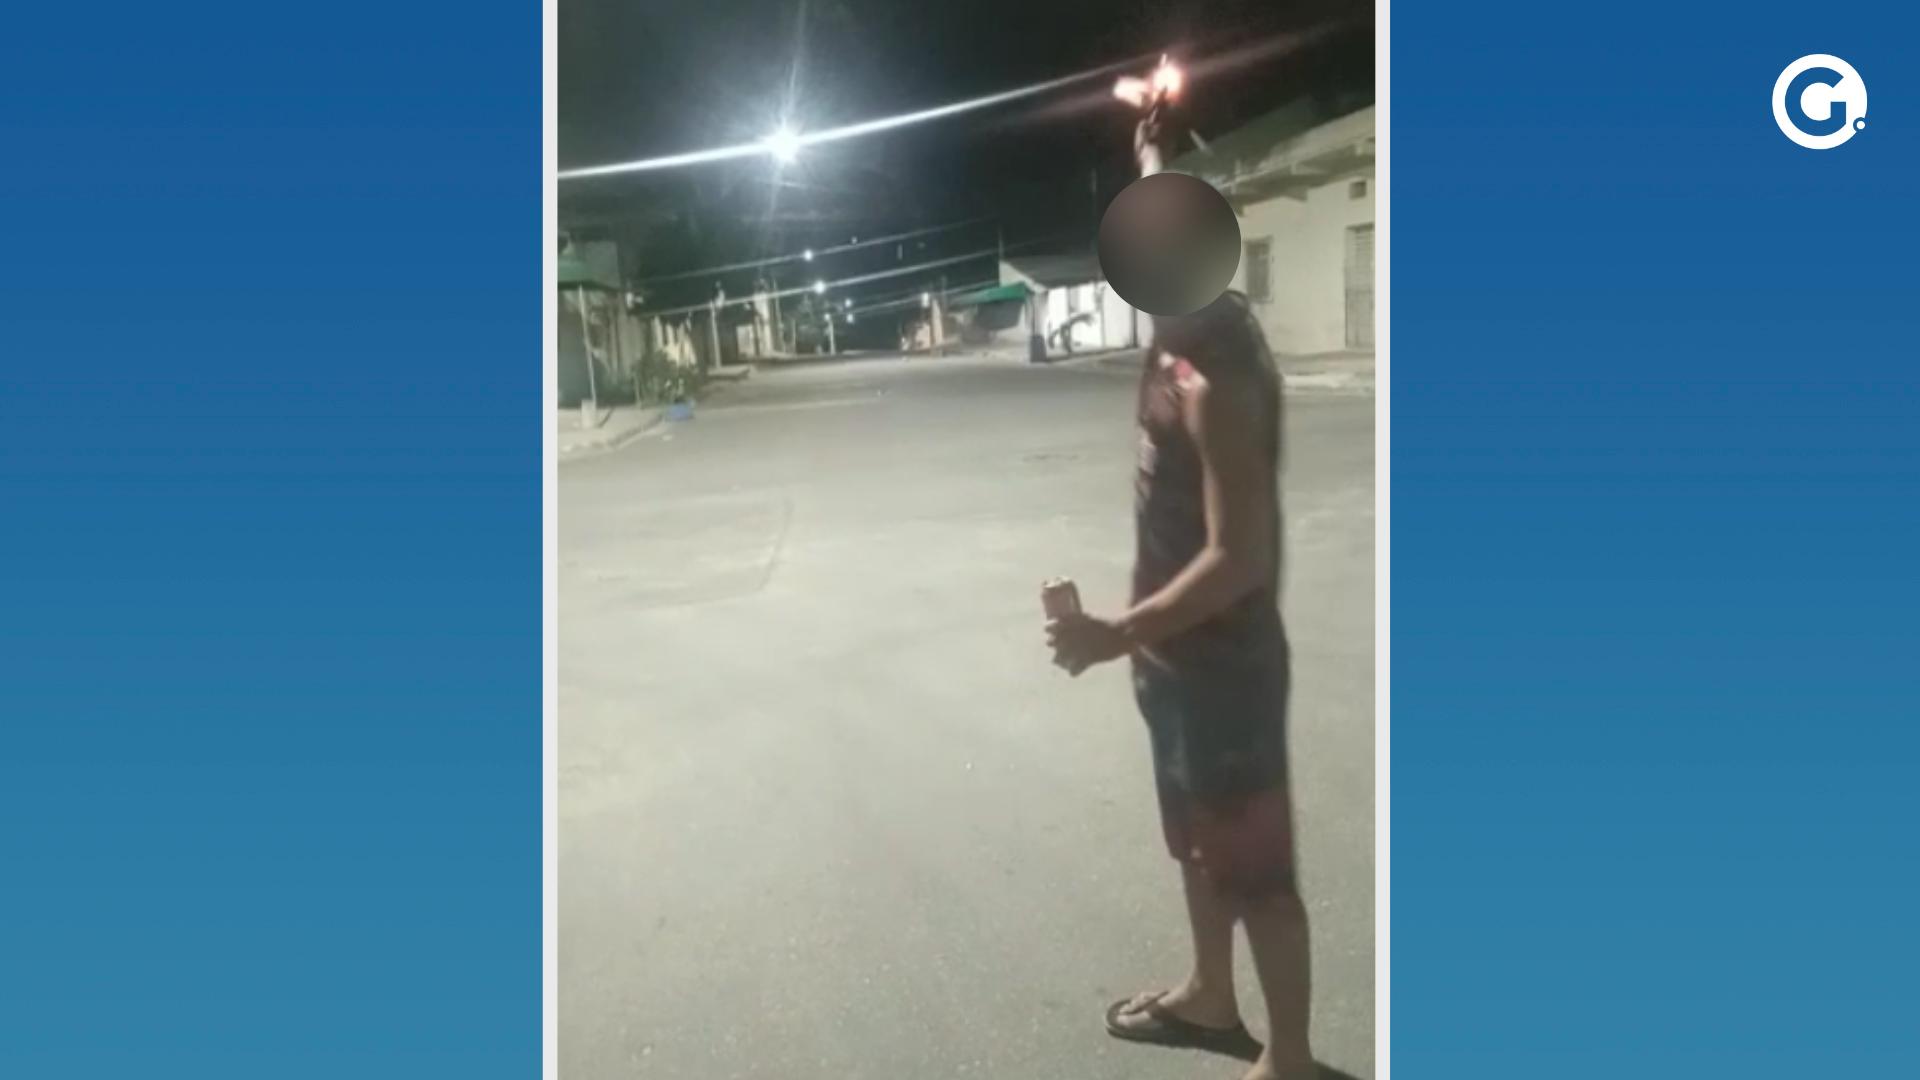 Jovens revezam arma e atiram no meio da rua em bairro de Linhares. Crédito: Redes sociais / Montagem A Gazeta